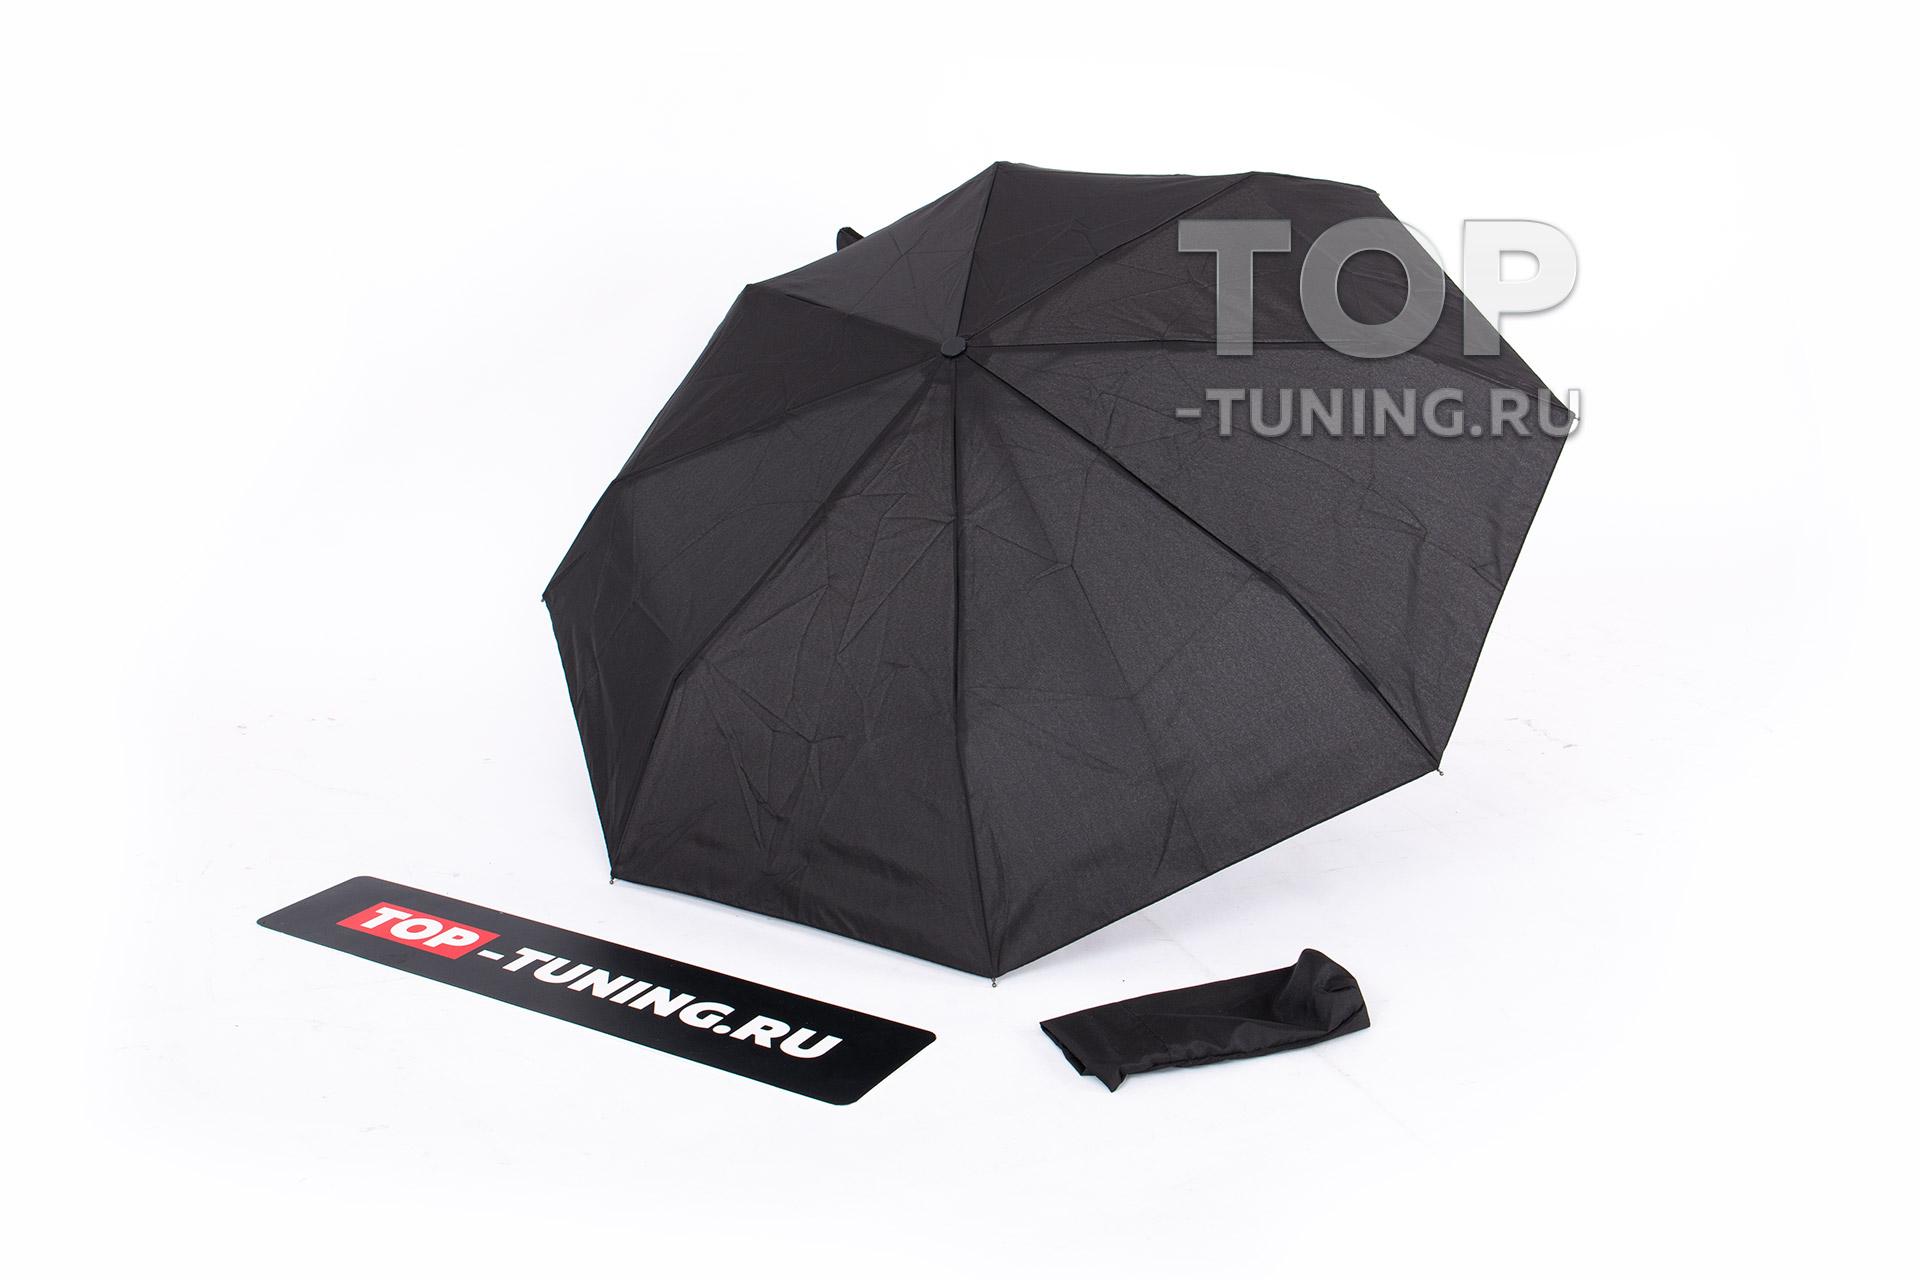 10010 Оригинальный зонт для RAPID и OCTAVIA